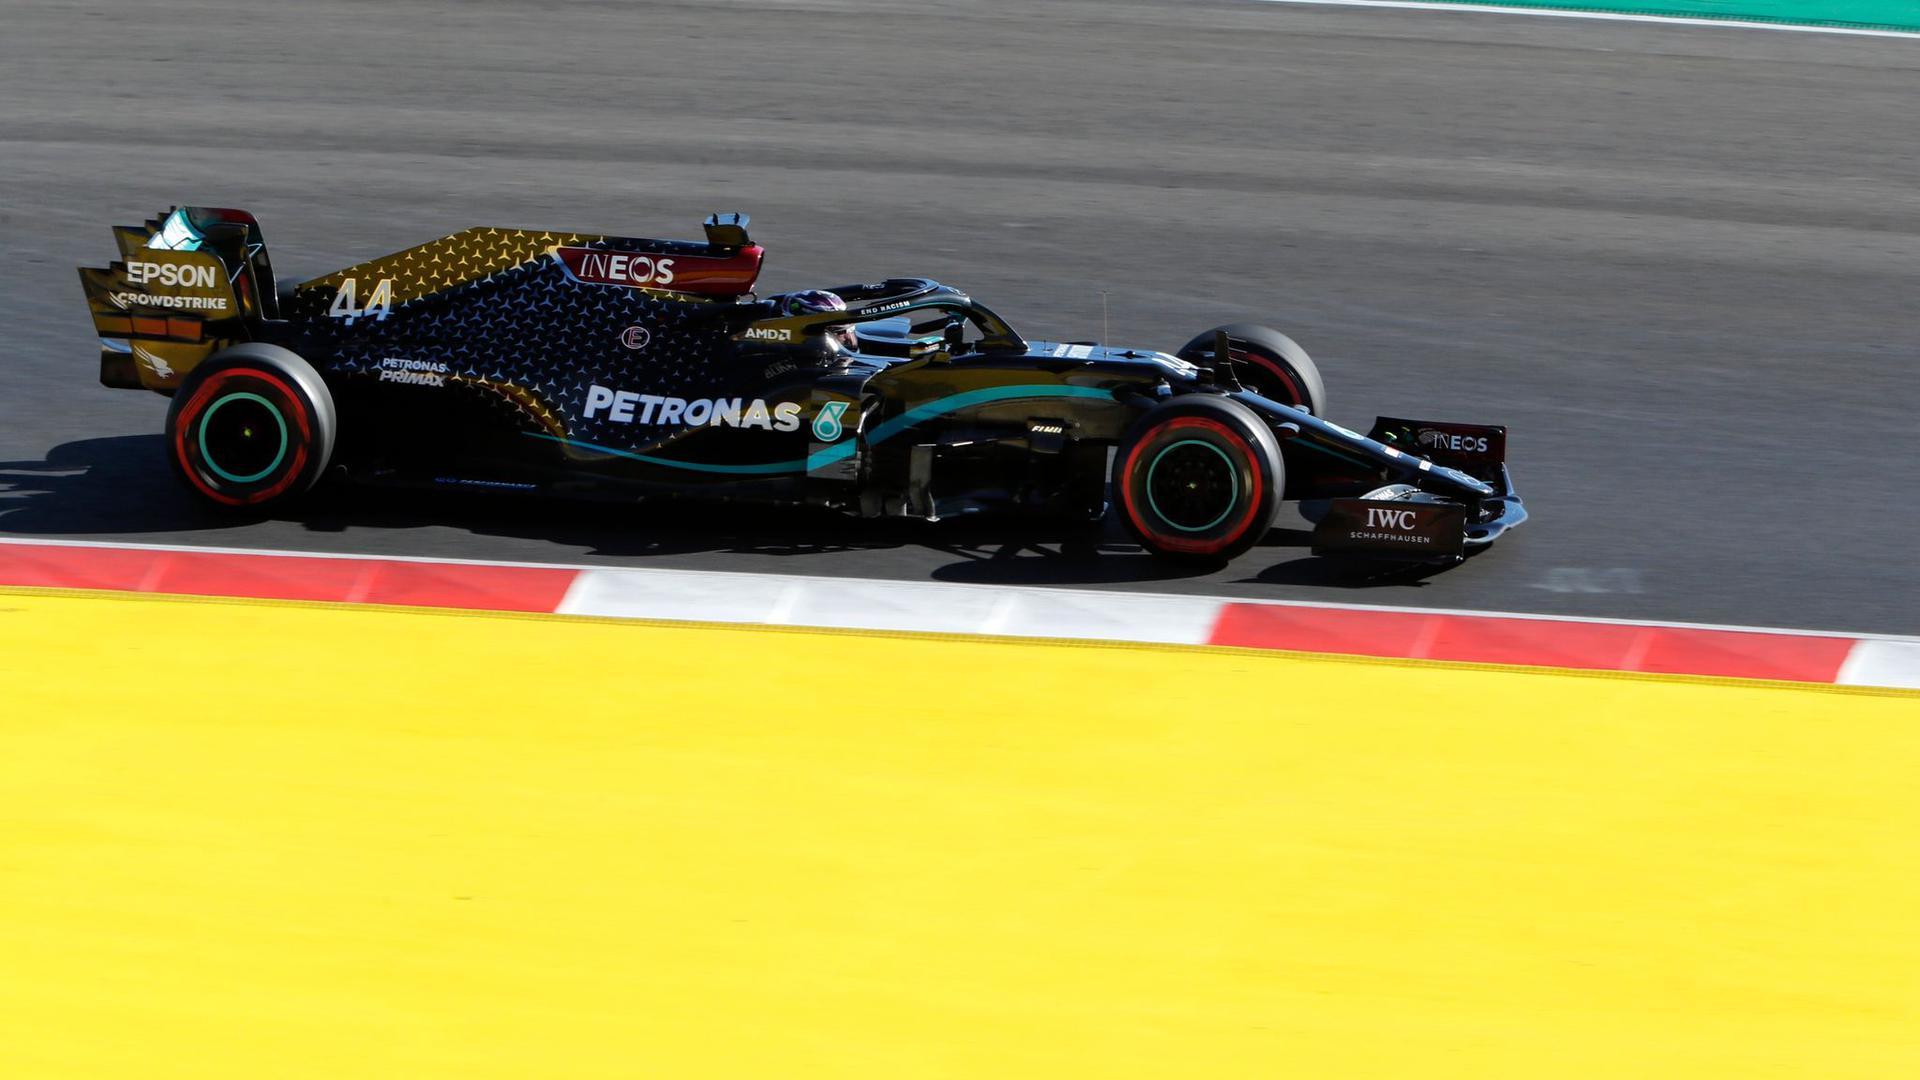 Formel-1-Superstar Lewis Hamilton will auch den Großen Preis von Portugal gewinnen.